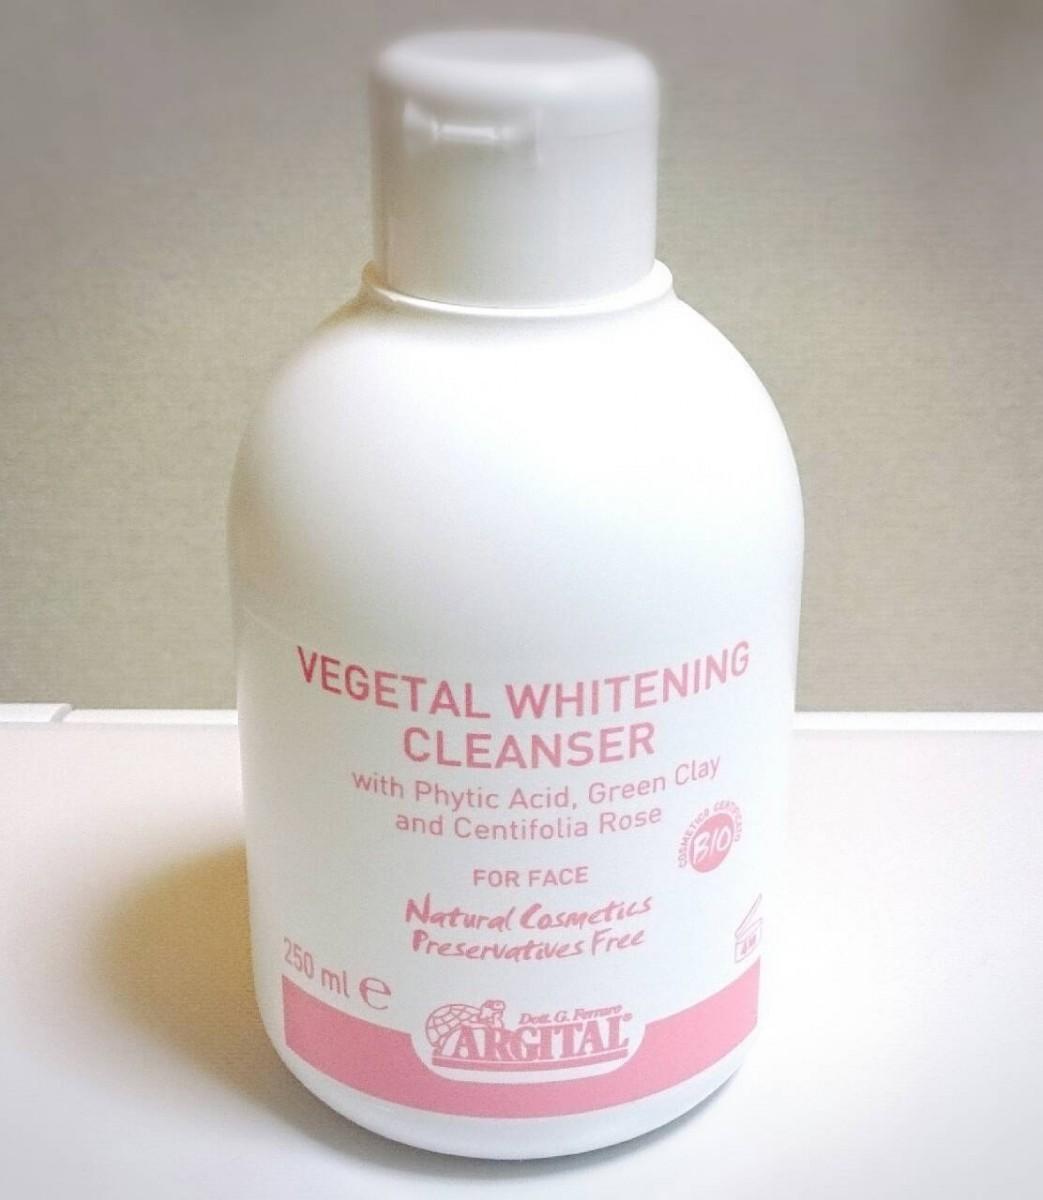 やっぱり洗顔が基本!何万円もの美容液を使ってもNG!アルジタル ヴェジタル シルキークリアソープを投入♡